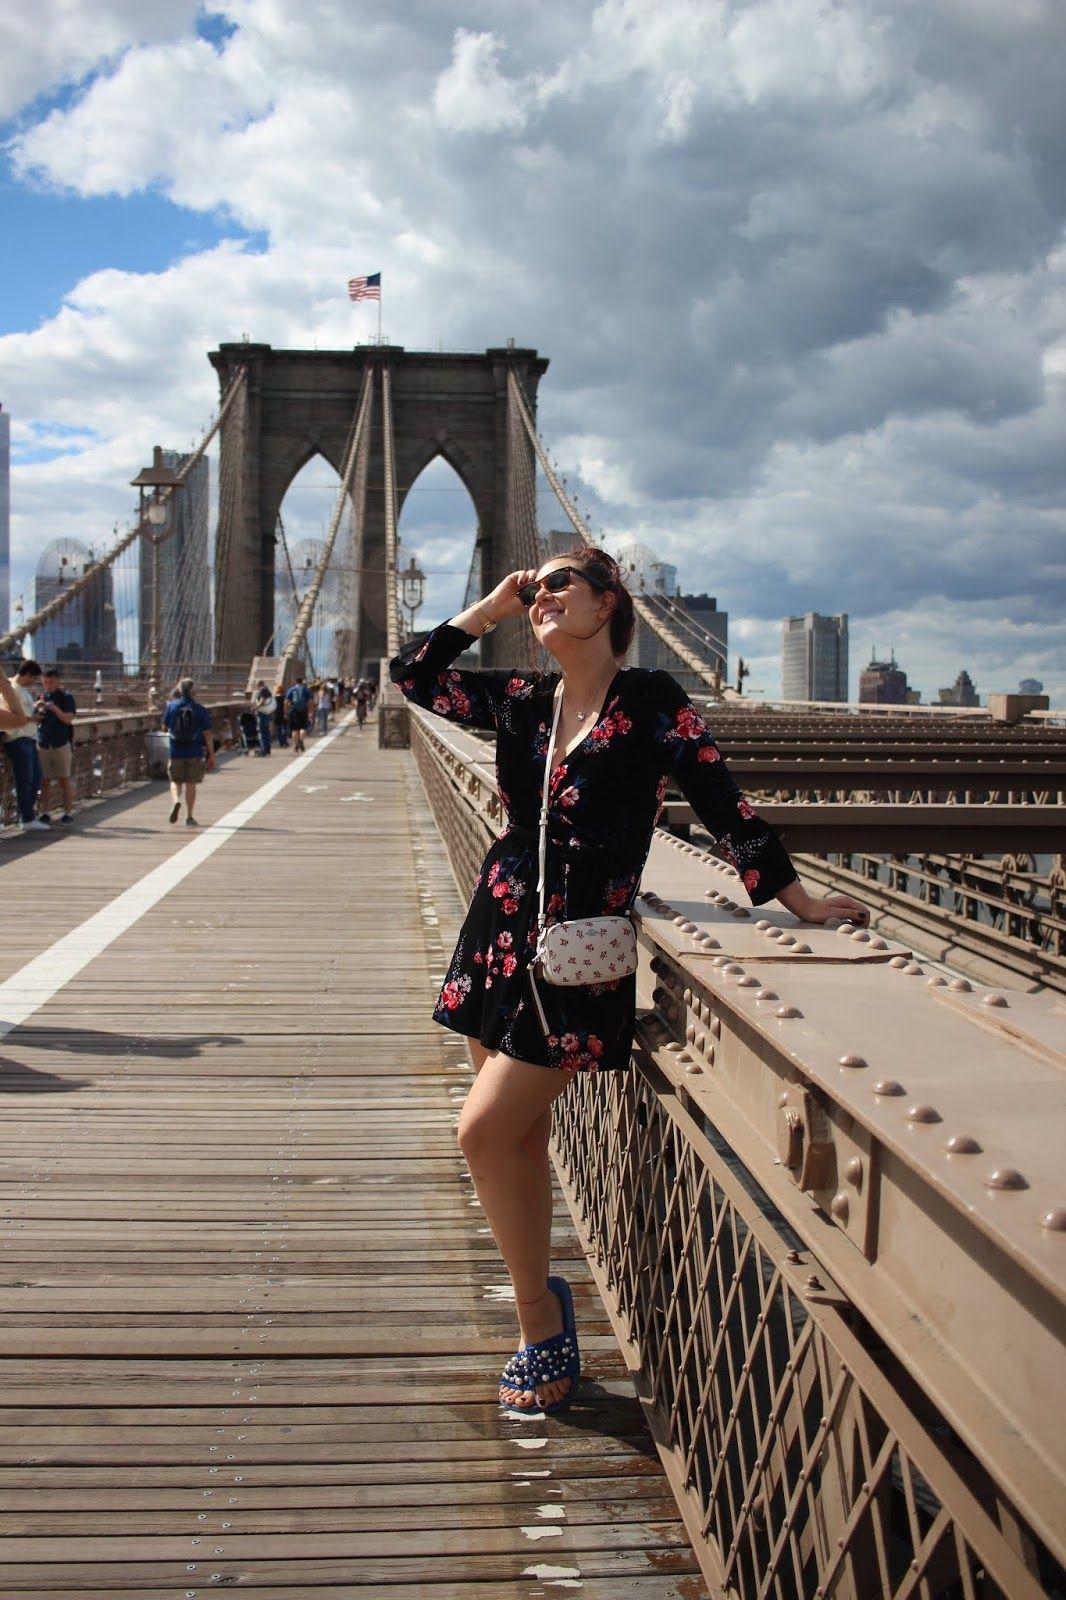 Fotos En New York Fotos En New York Fotos En Ny Fotos En Nueva York